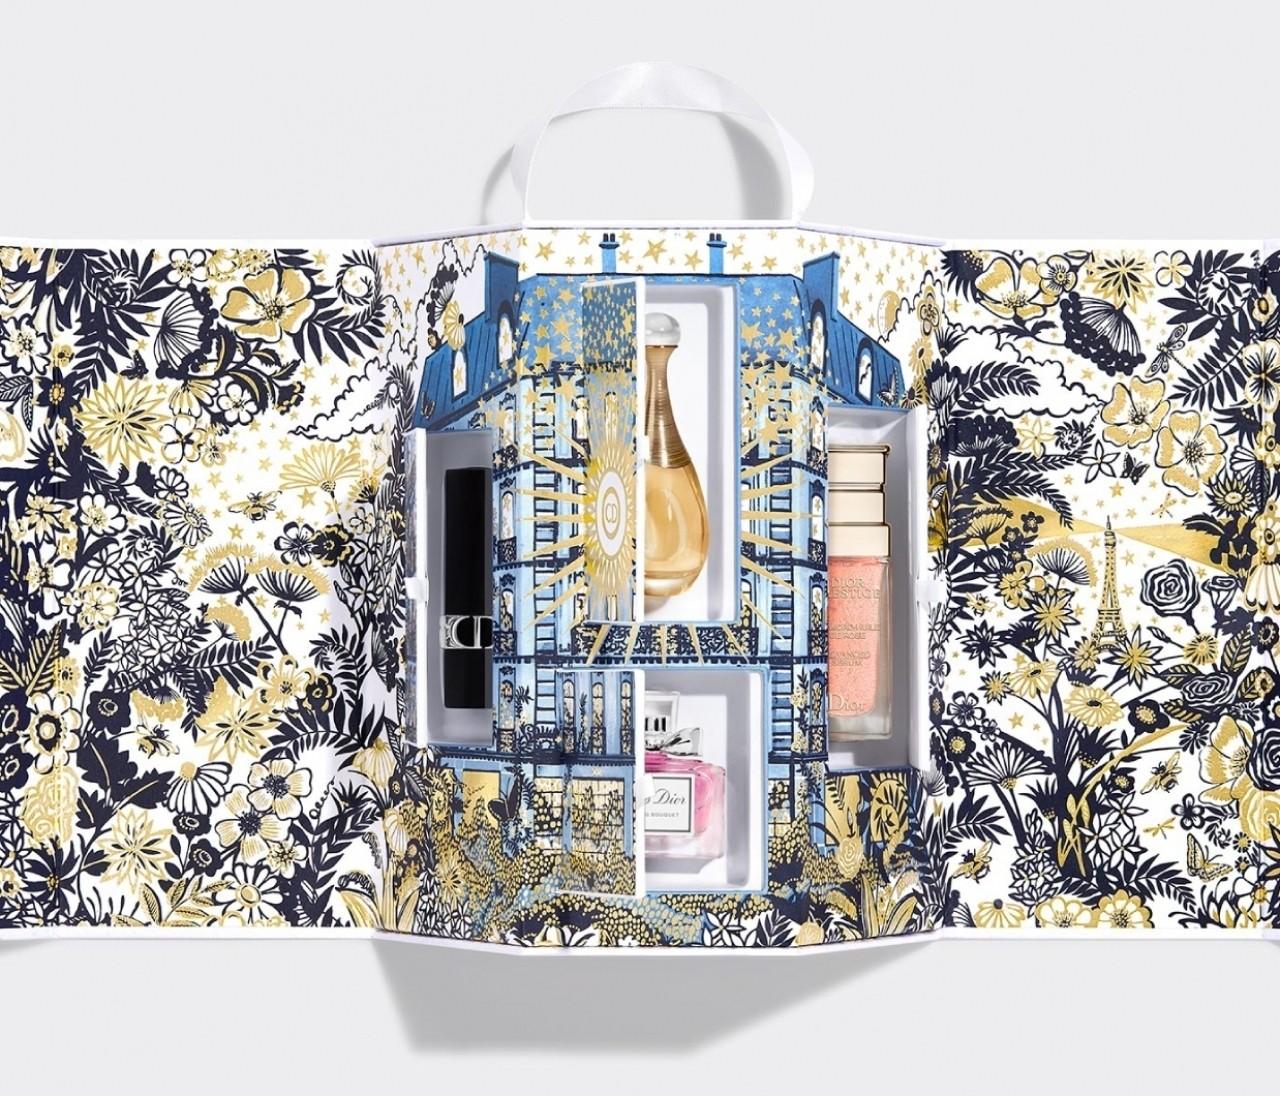 【 Dior(ディオール)ホリデー限定コフレ】香水やメイクアップのアイコン製品がたっぷり!